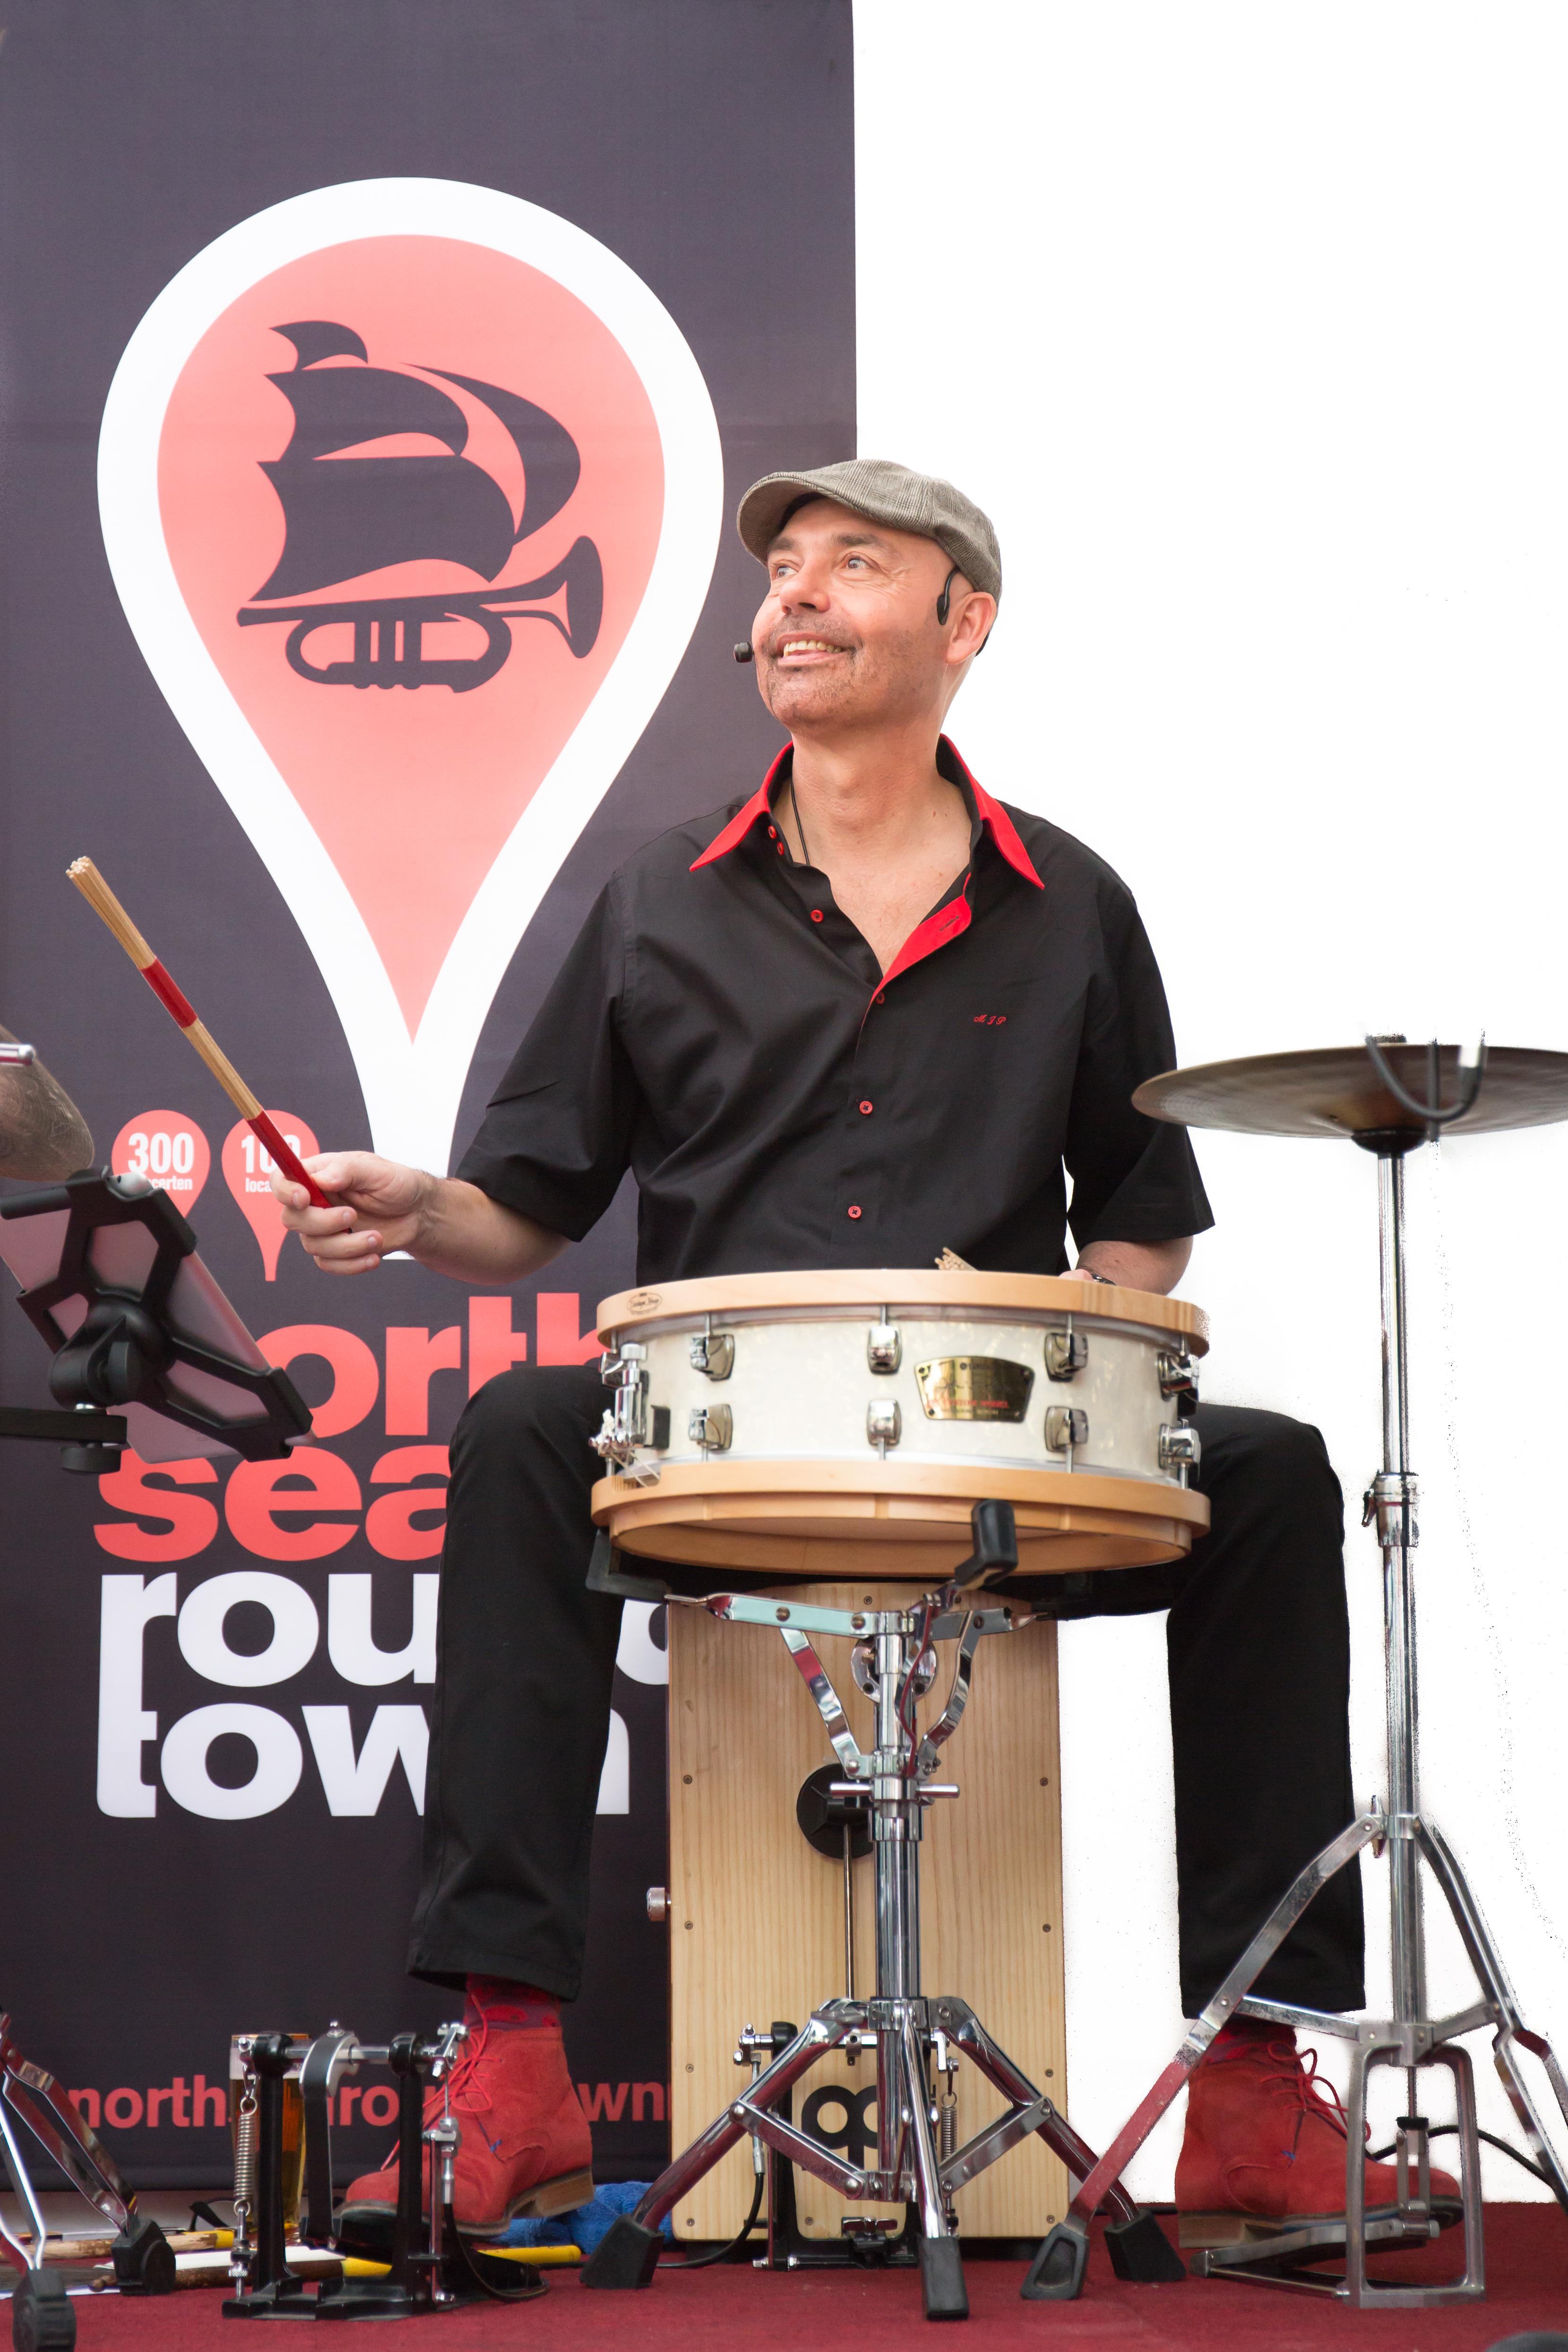 Jazz drummer Onno Roell. band boeken voor een trouwerij? Ben's Bookings heeft live muziek voor je feest, bruiloft, café, receptie of ander evenement.